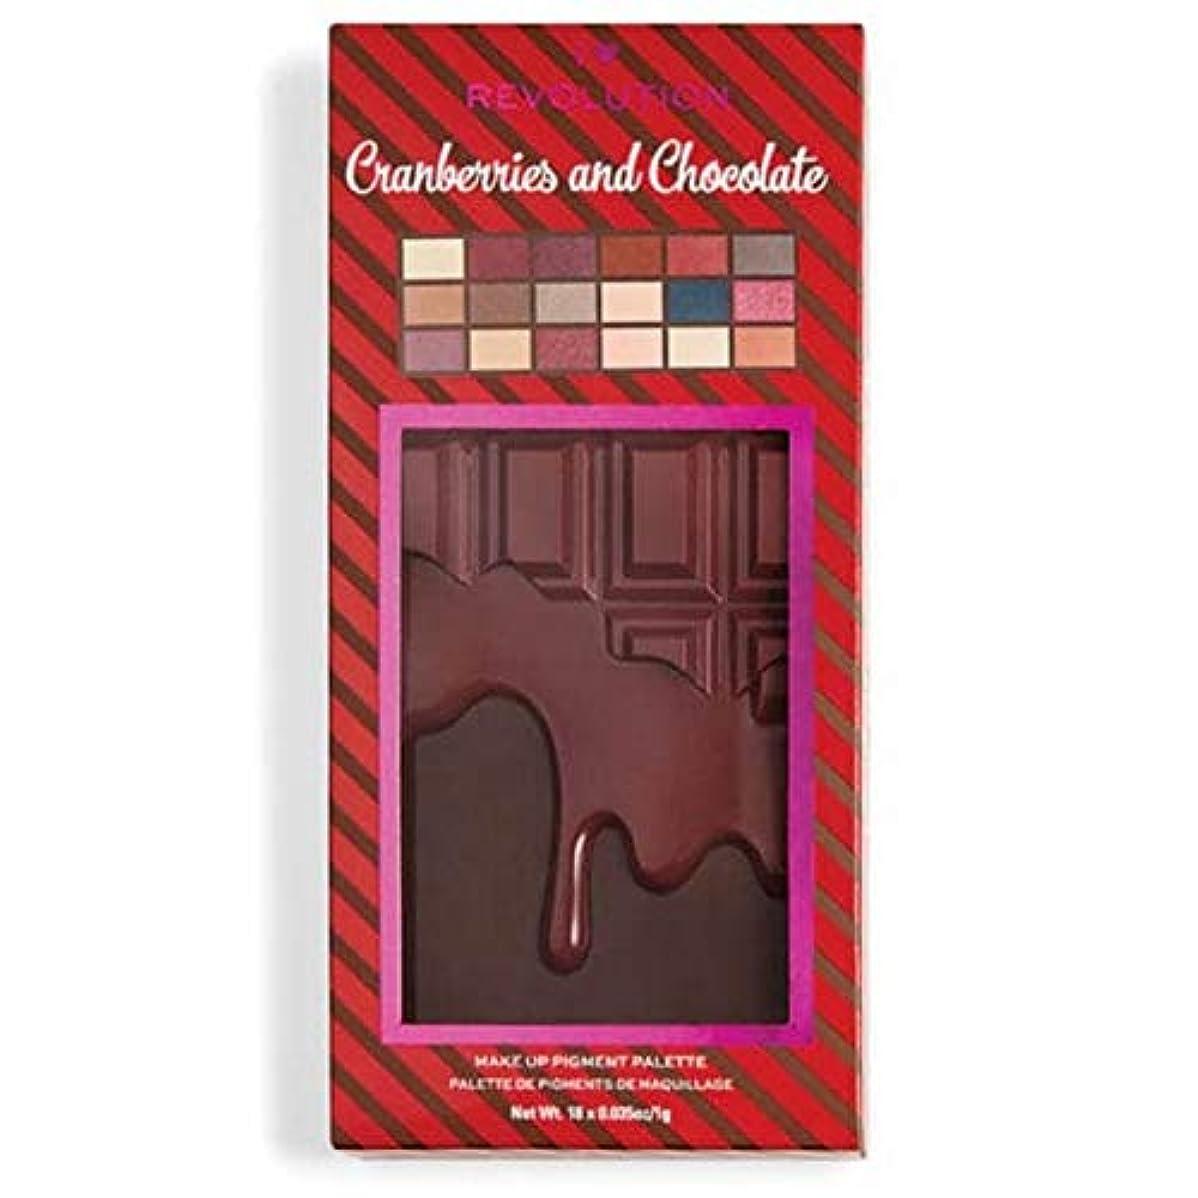 宅配便ホイップ書誌[I Heart Revolution ] 私の心の革命クランベリー&チョコレートパレット - I Heart Revolution Cranberries & Chocolate Palette [並行輸入品]